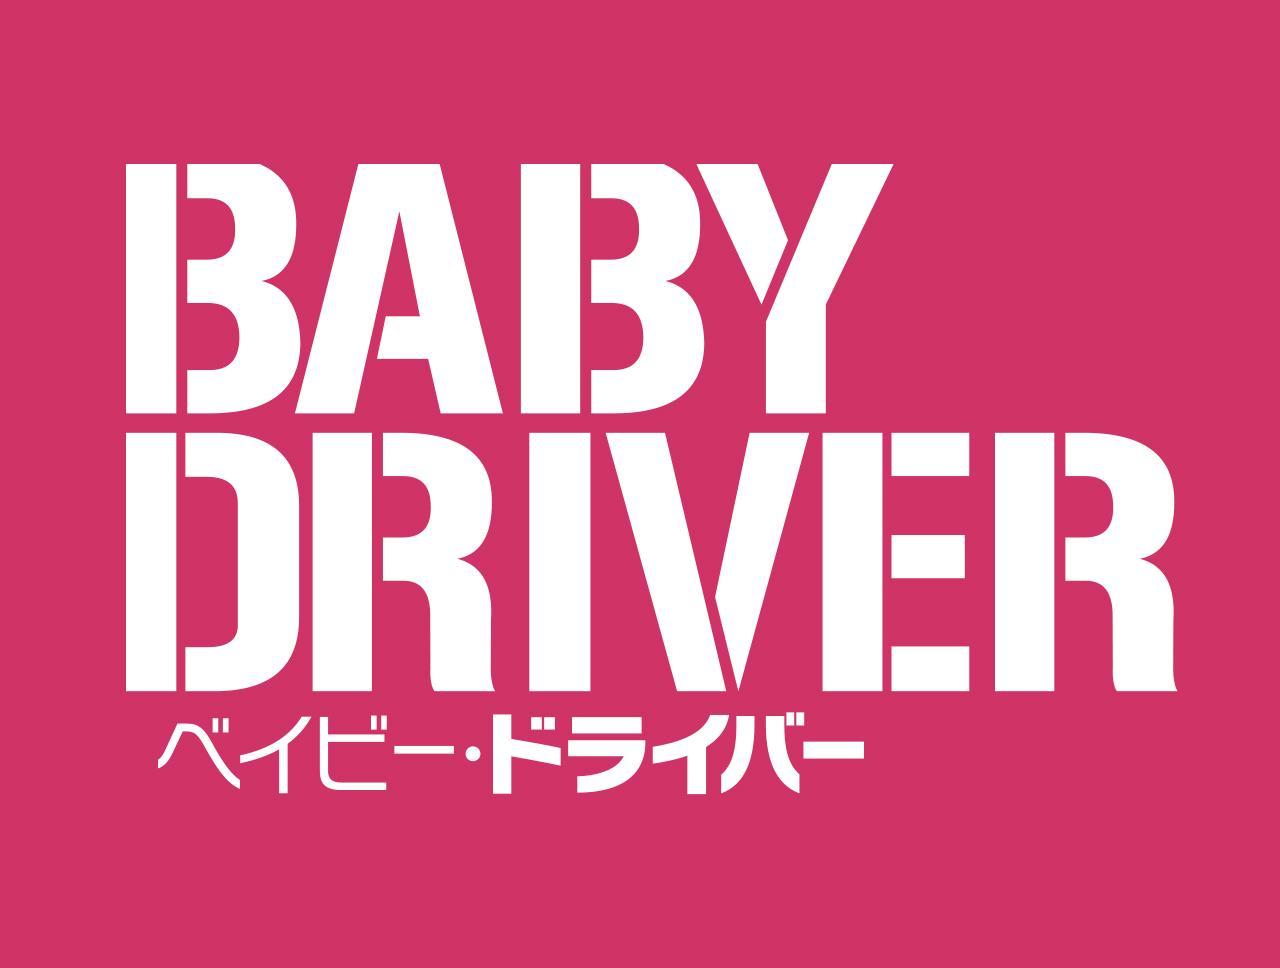 画像: 映画『ベイビー・ドライバー』 | オフィシャルサイト| ブルーレイ&DVD&ULTRA HD発売